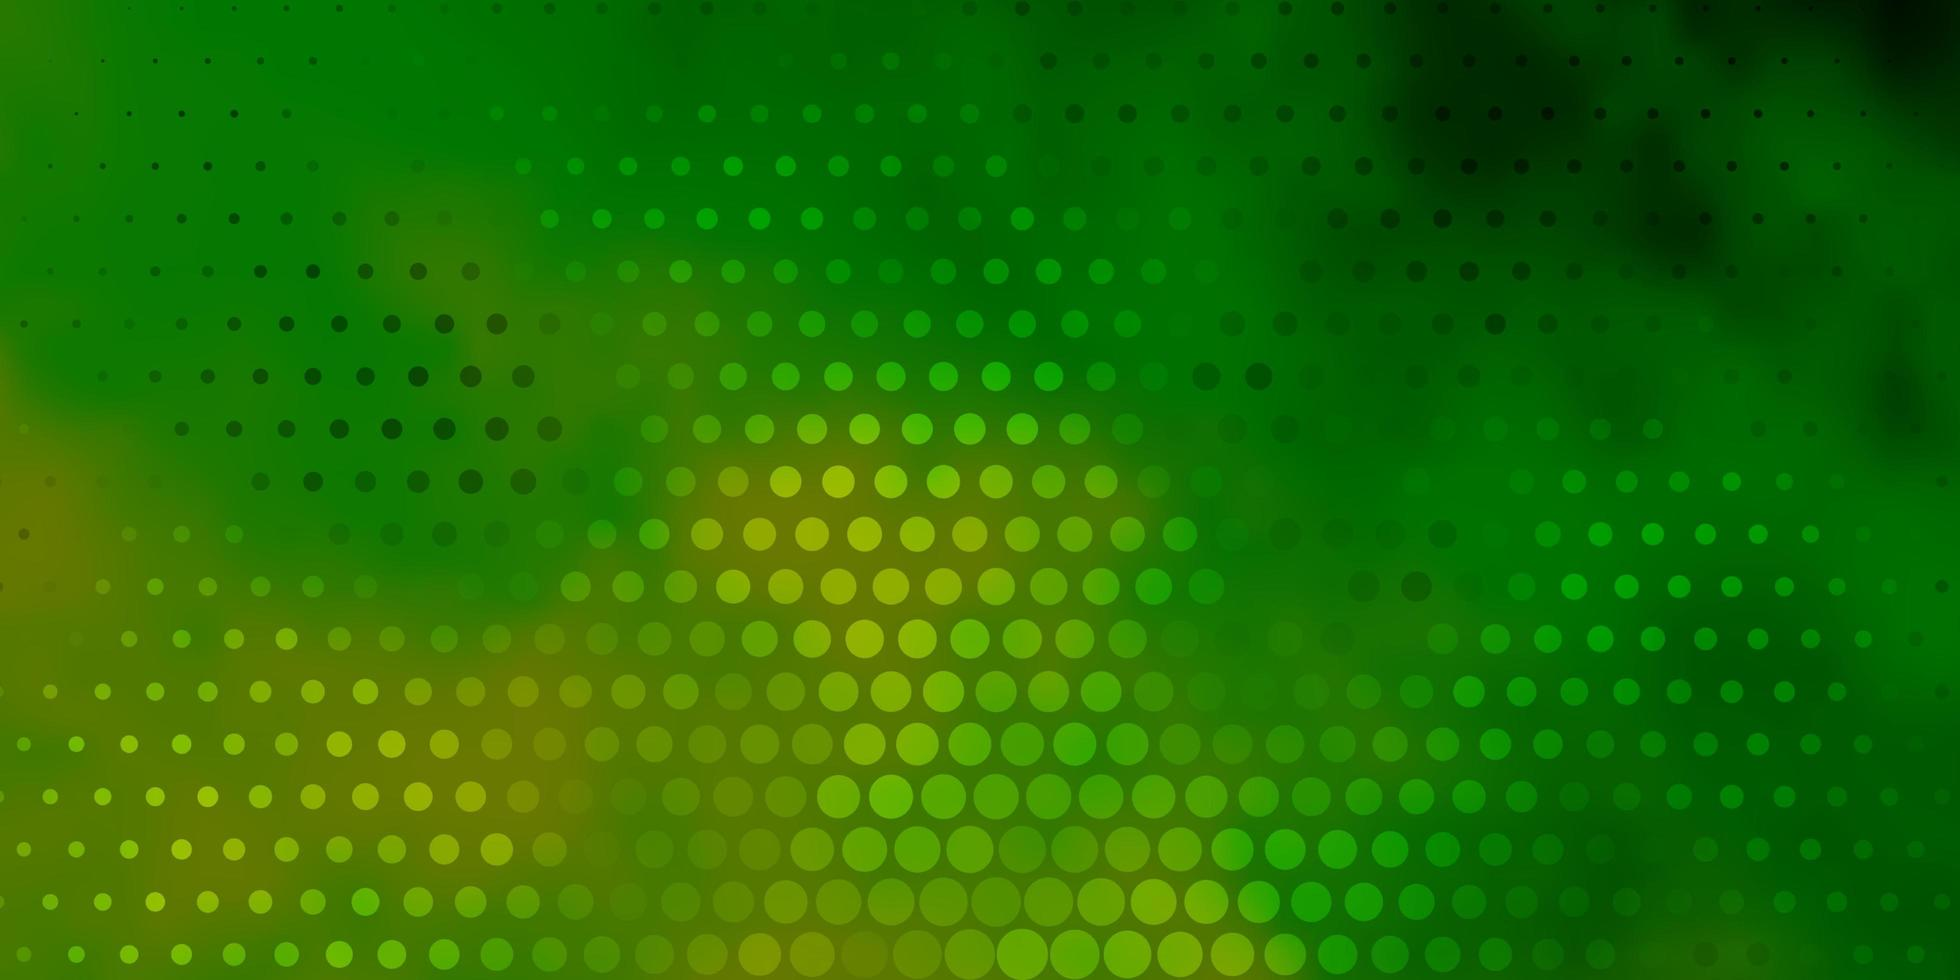 ljusgrön bakgrund med fläckar. vektor